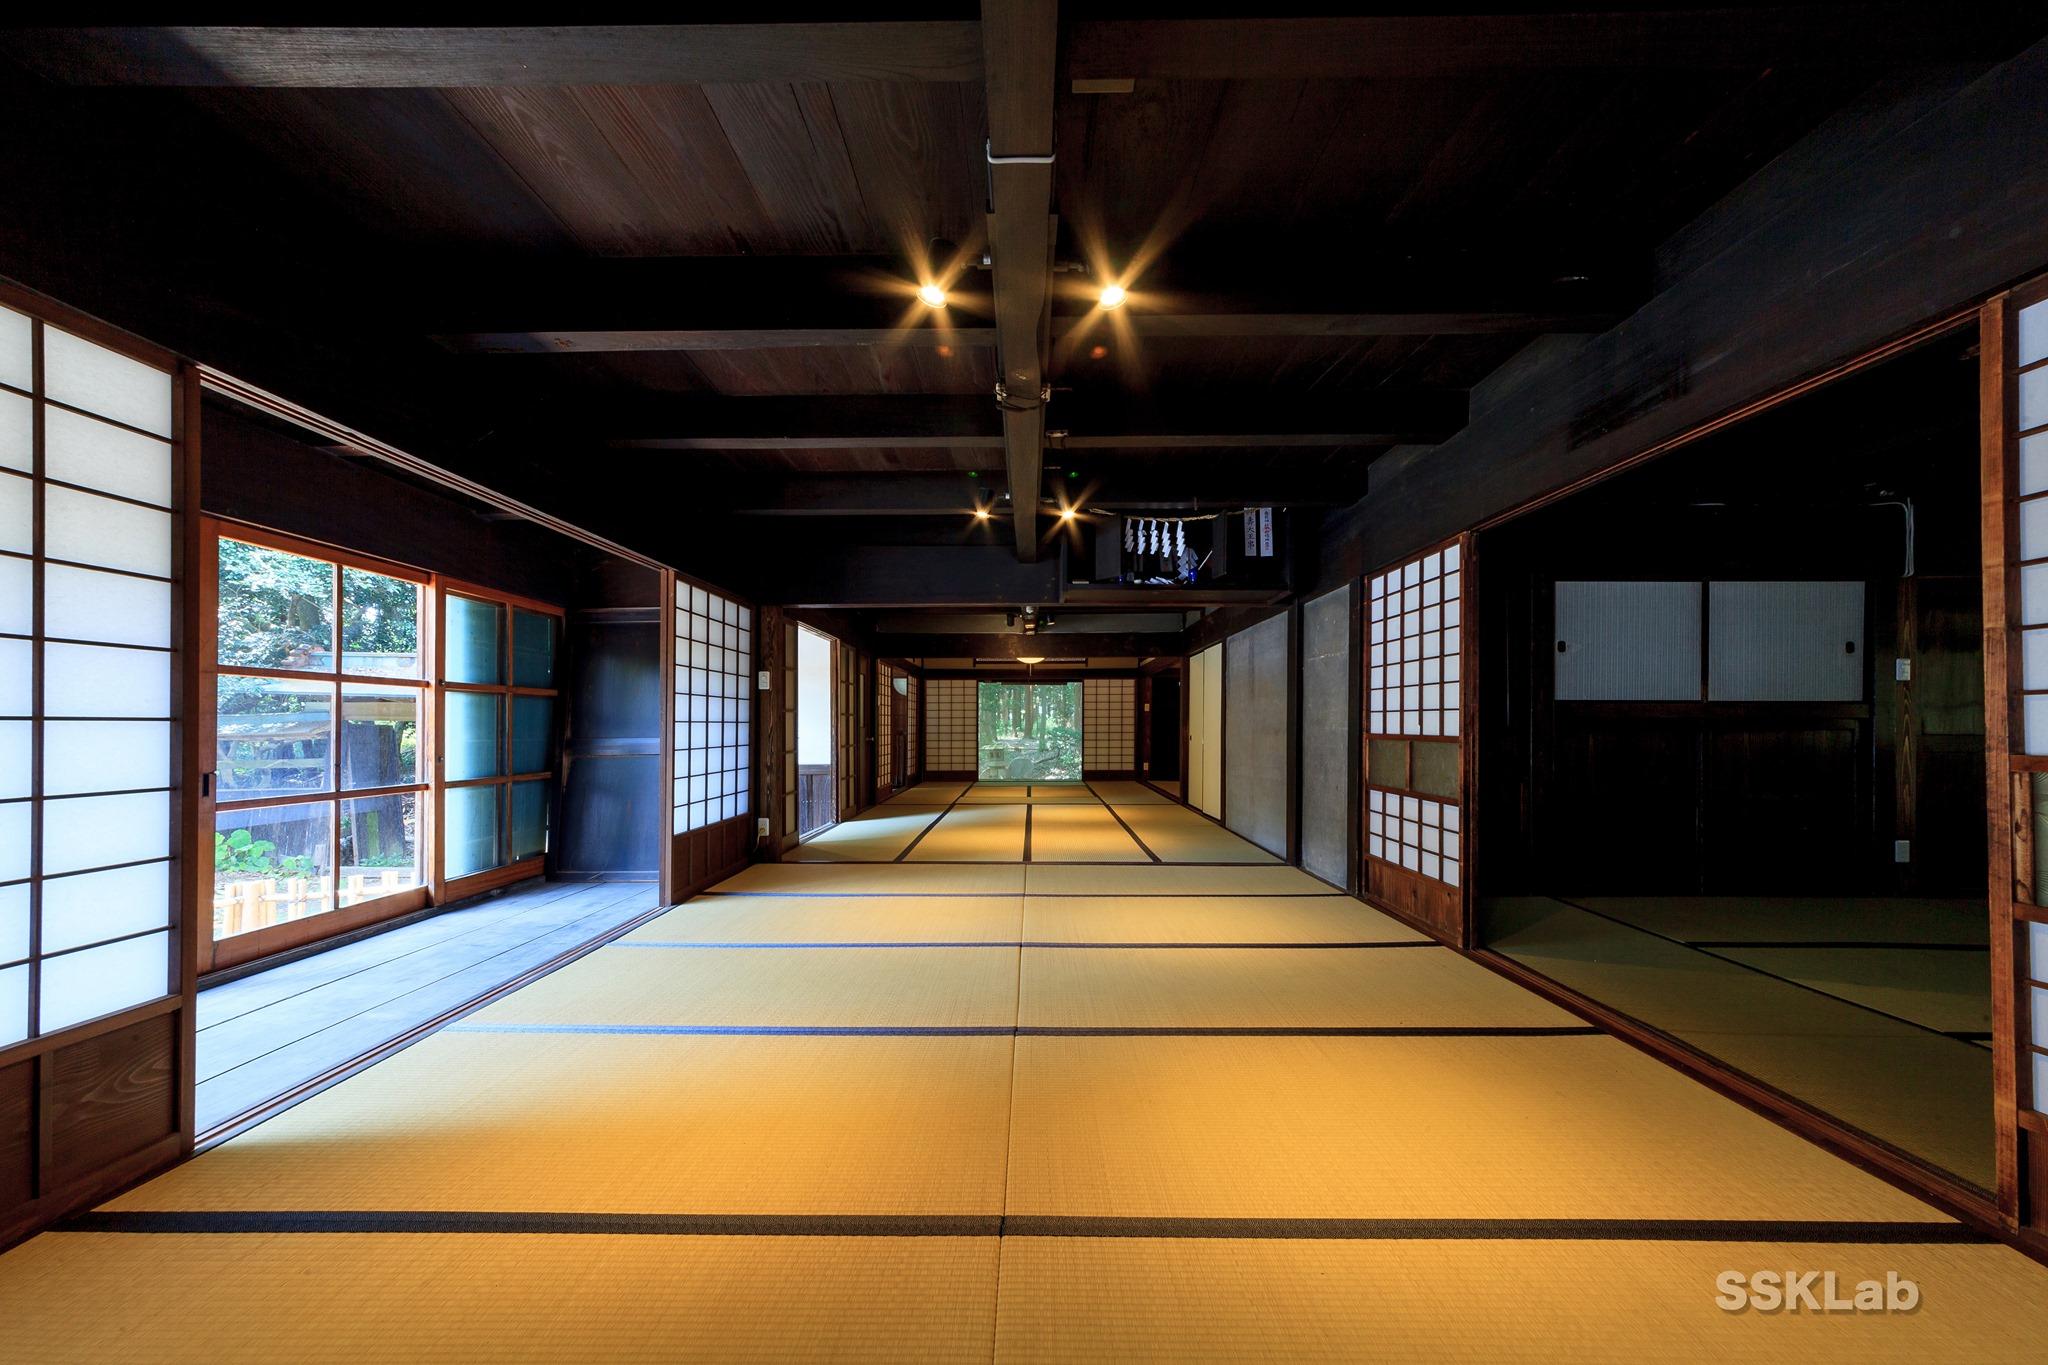 築150年超の古民家に広大なキャンプ場も開拓中! 茨城・古河市の「山川邸」に行って来た!